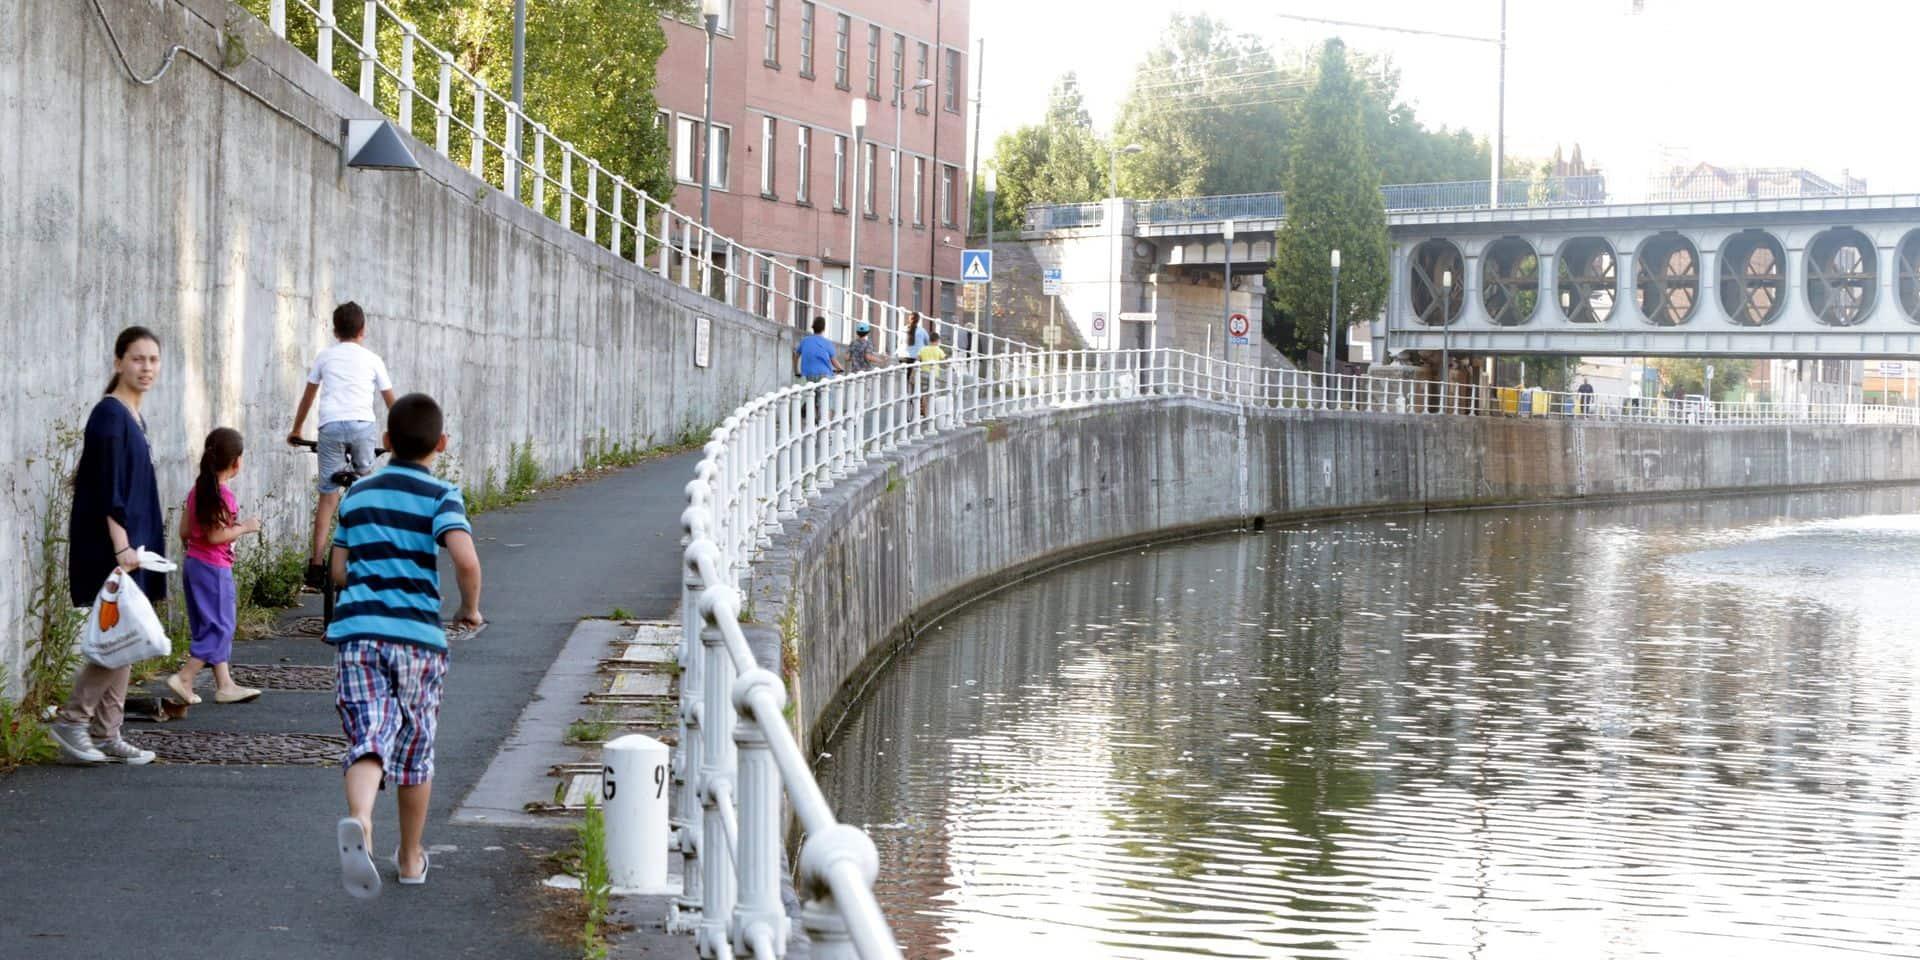 L'enfant de 12 ans tombé jeudi dans le canal d'Anderlecht est décédé